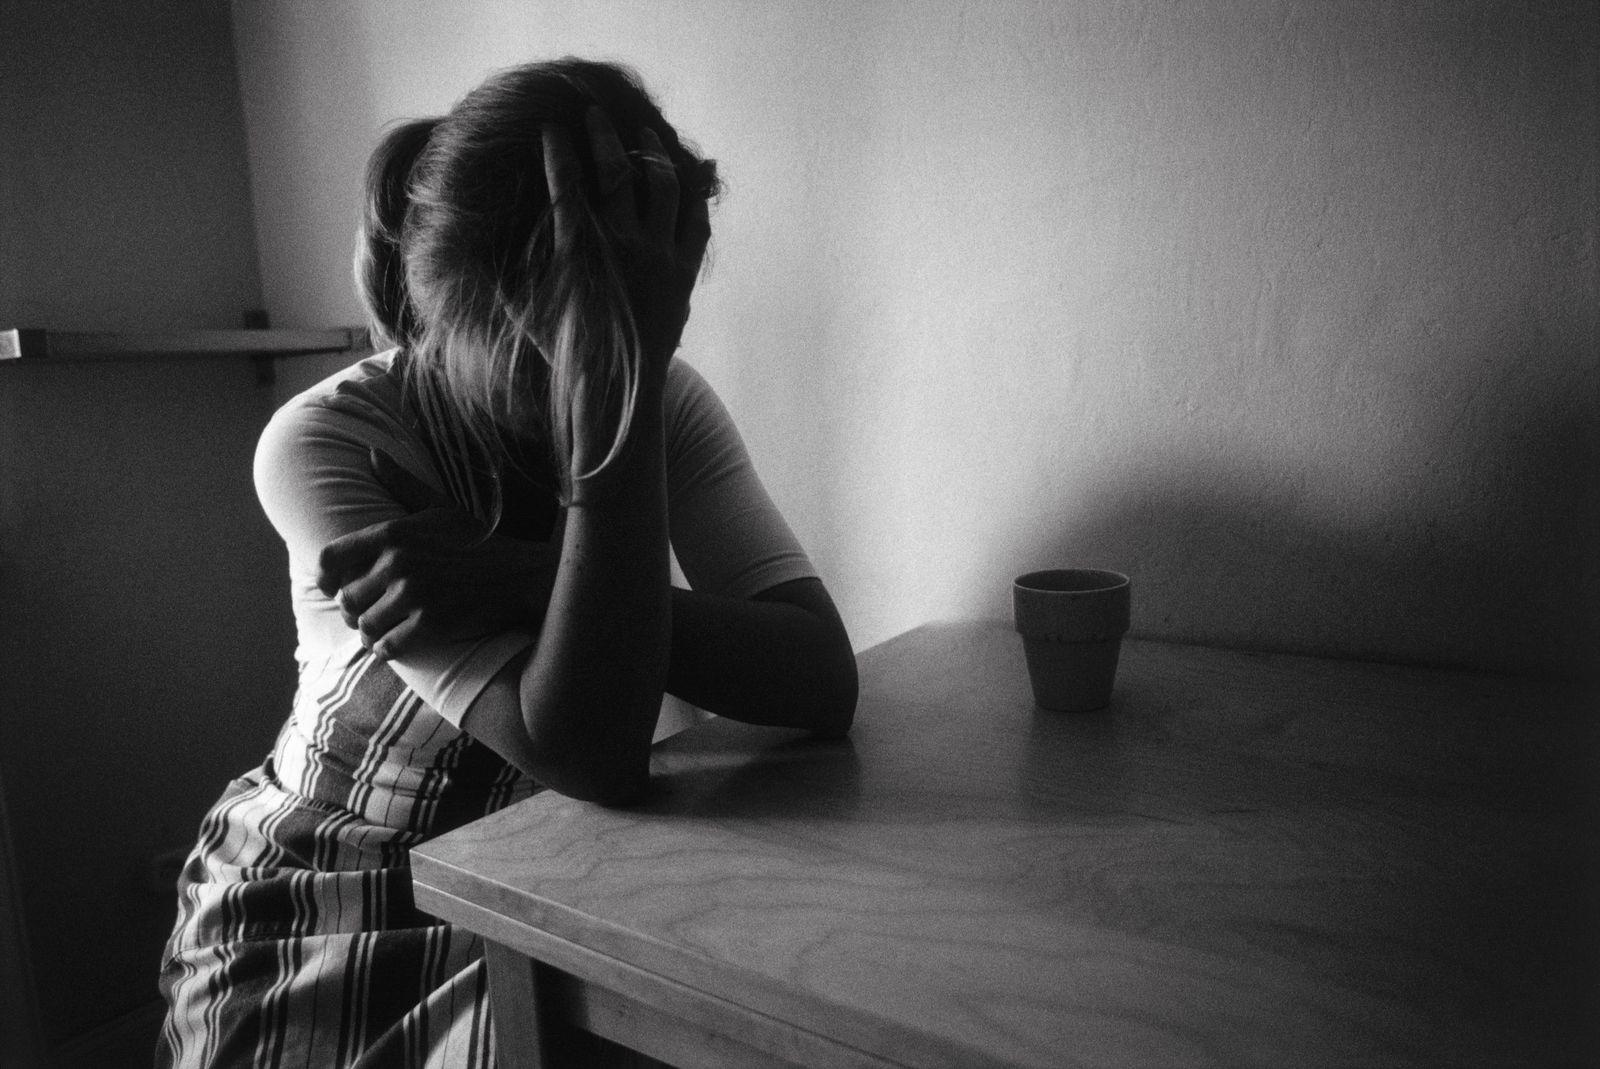 NICHT MEHR VERWENDEN! - Häusliche Gewalt